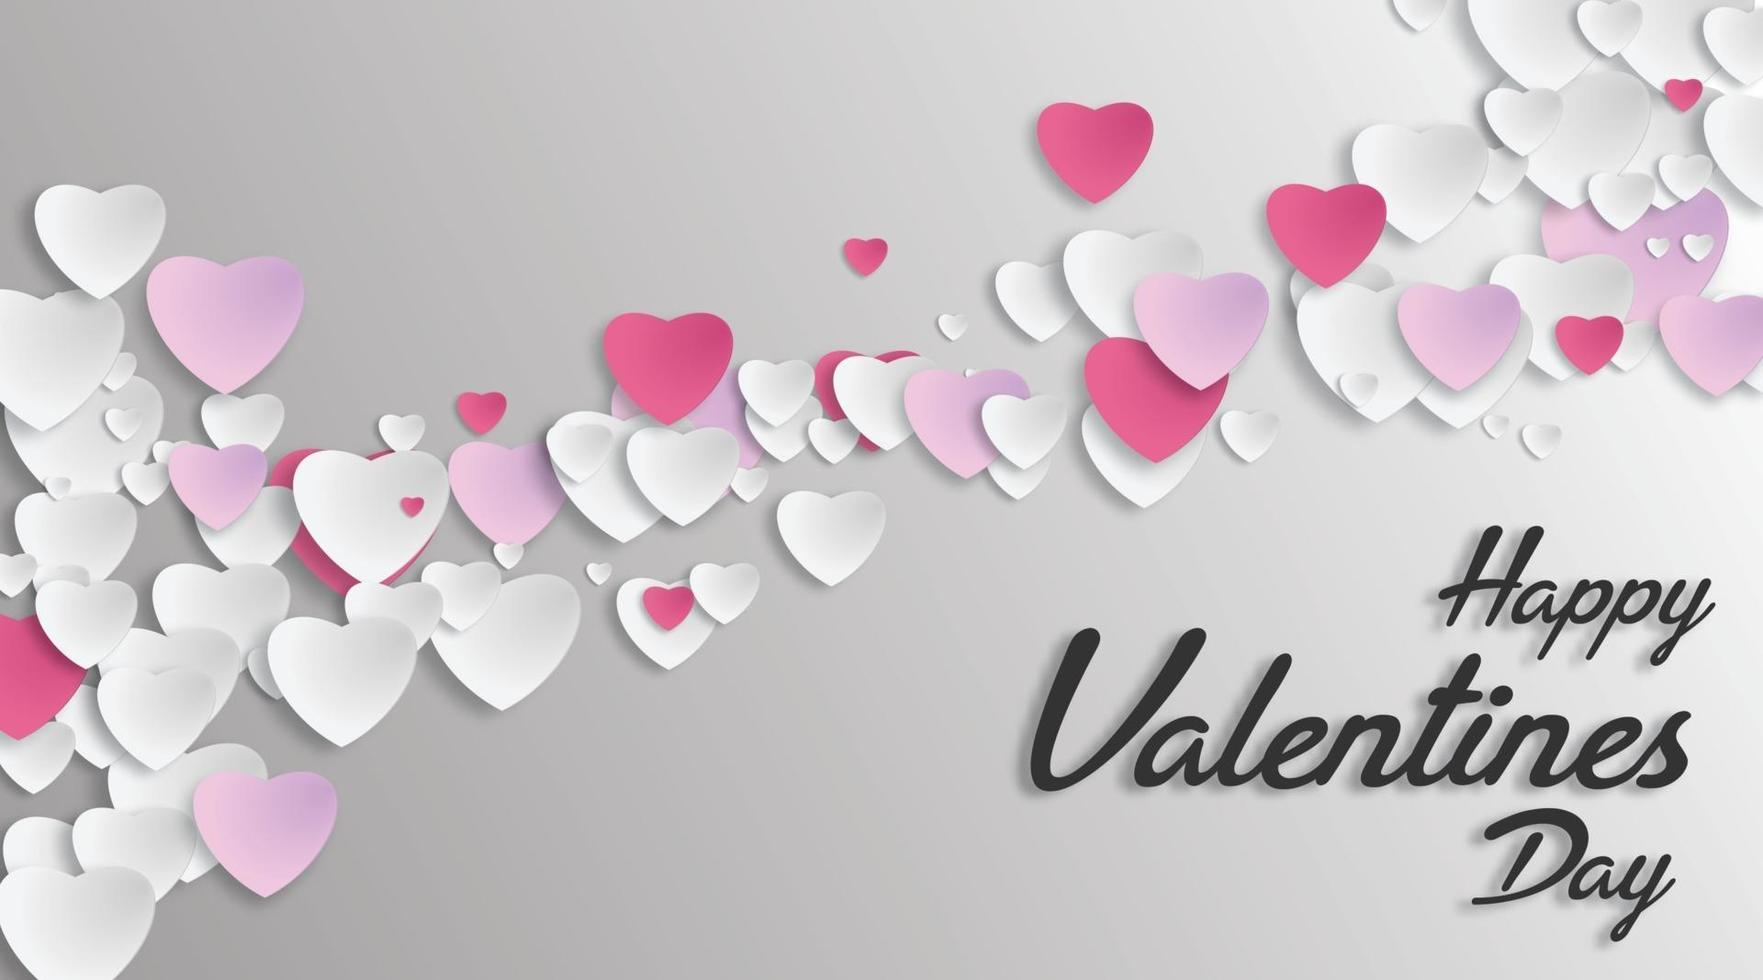 amo o projeto do coração no estilo de corte de papel. ilustração vetorial. para o fundo do dia dos namorados vetor